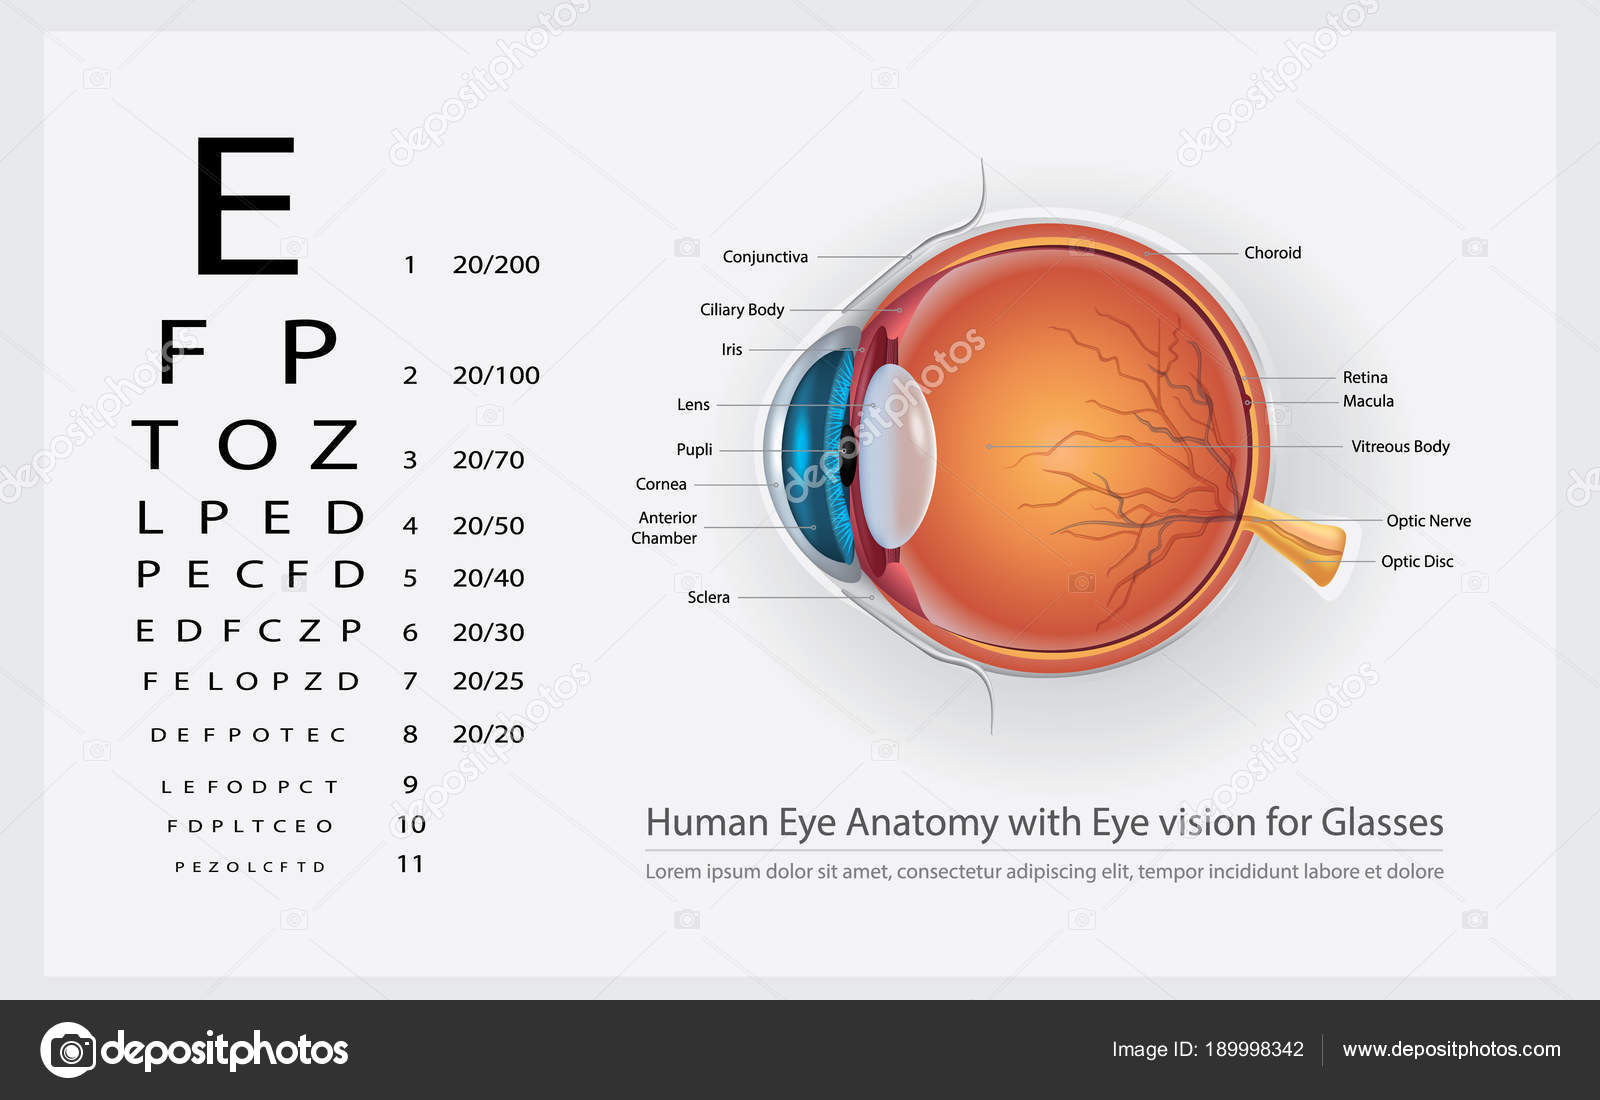 Menschliche Auge Anatomie Mit Eye Vision Für Gläser Vektor ...